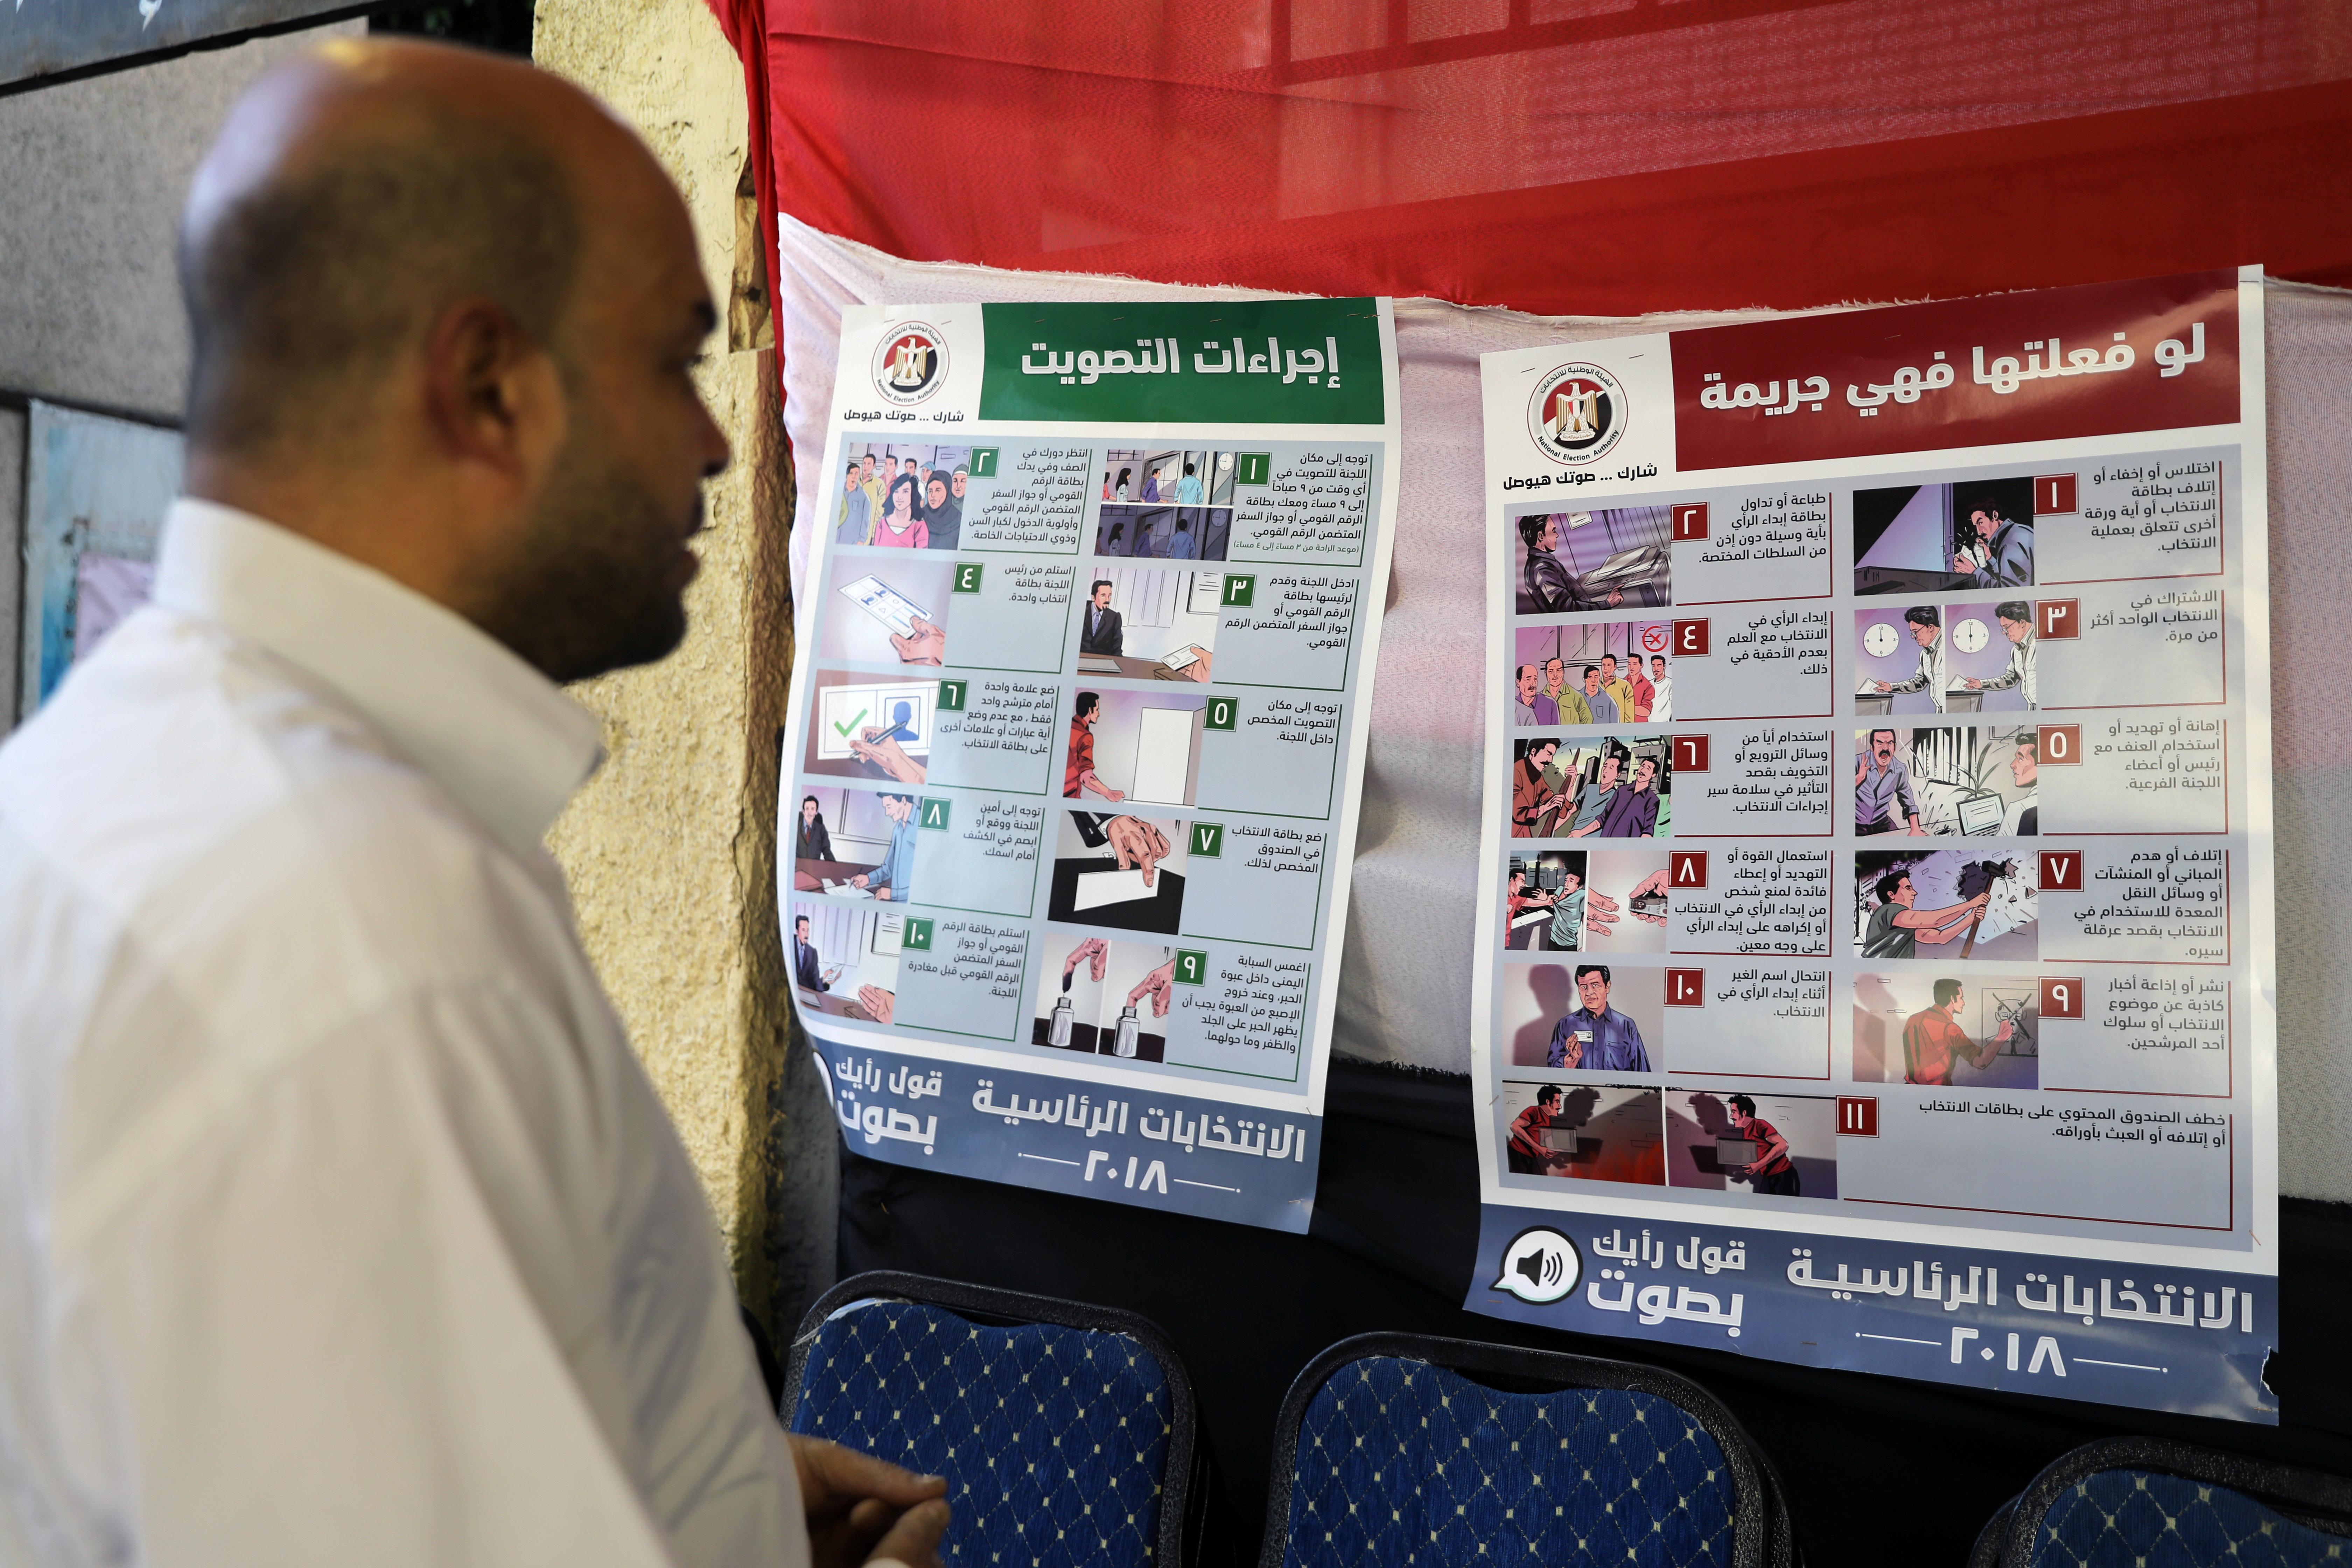 Στις κάλπες οι Αιγύπτιοι χωρίς αγωνία. Δεδομένη η επανεκλογή